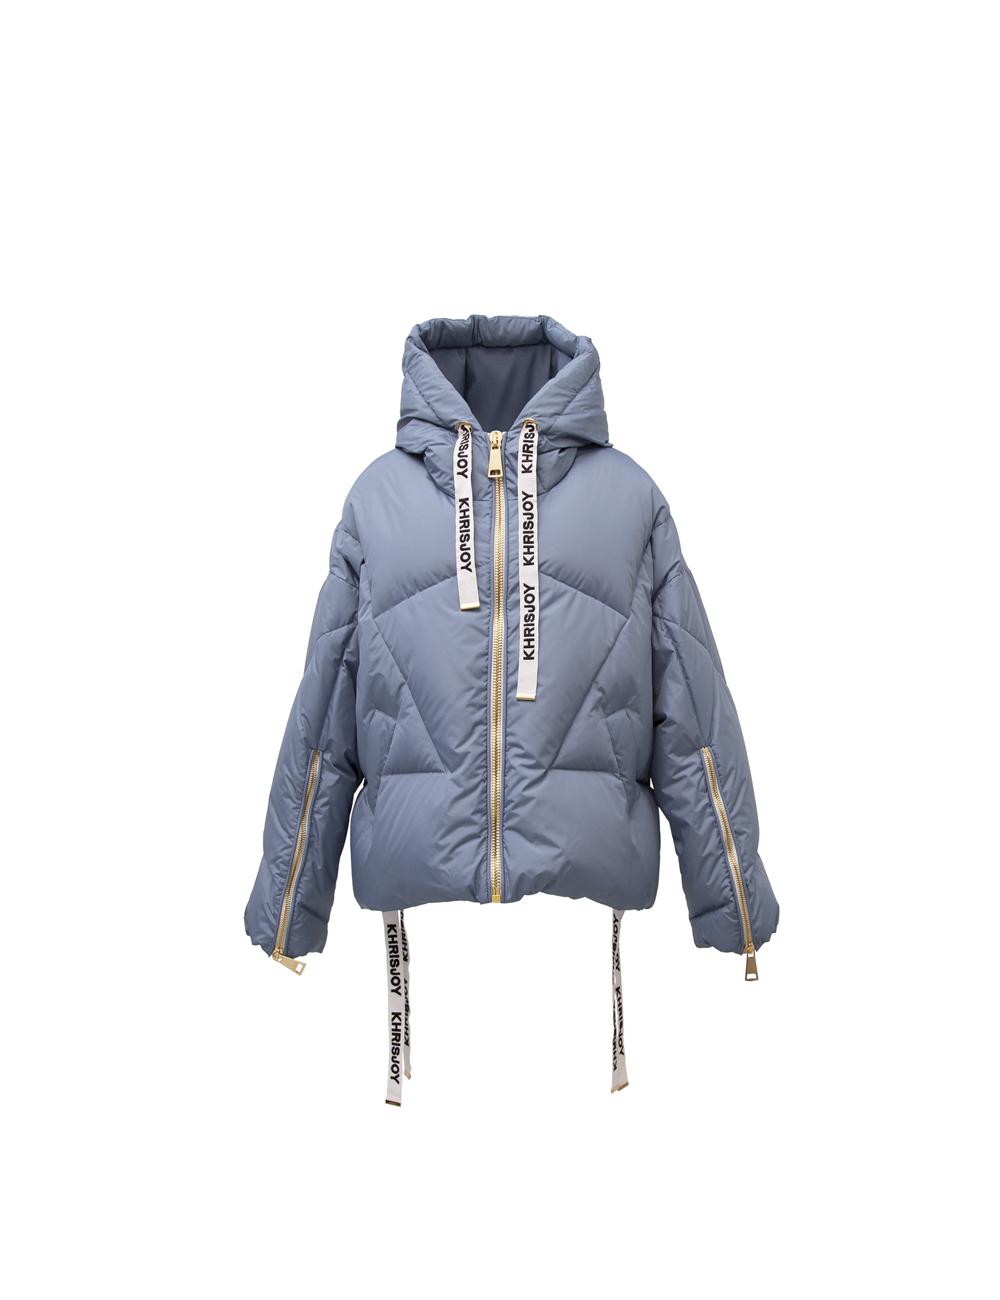 Oversize down jacket Khrisjoy - BIG BOSS MEGEVE